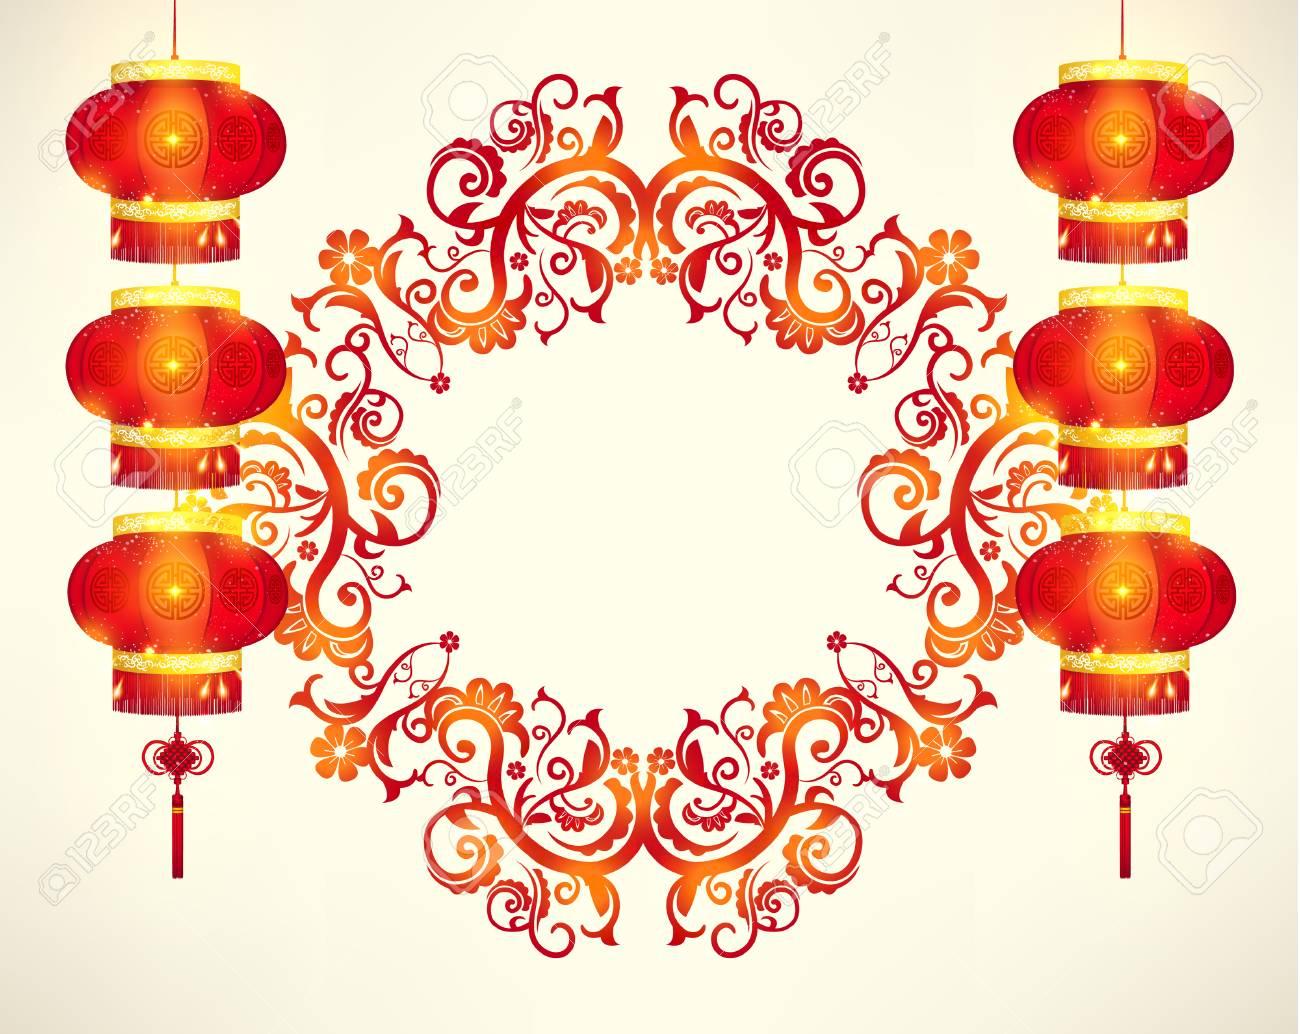 ハッピー中国の旧正月フレーム装飾ベクトル デザインのイラスト素材